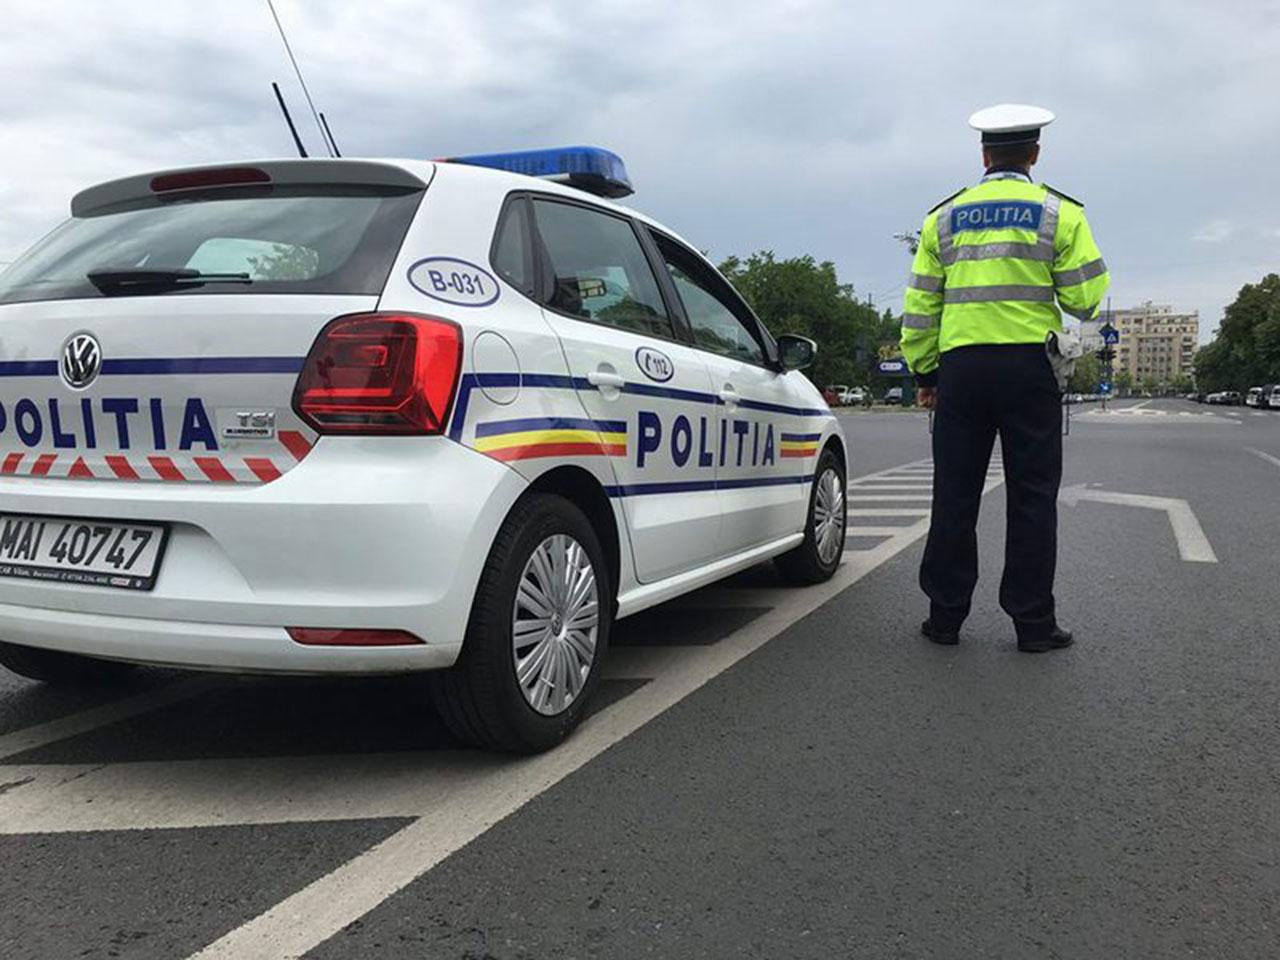 Restricțiile împotriva COVID-19 se apropie de Capitală. Noi reguli introduse de sâmbătă în două localități de lângă București